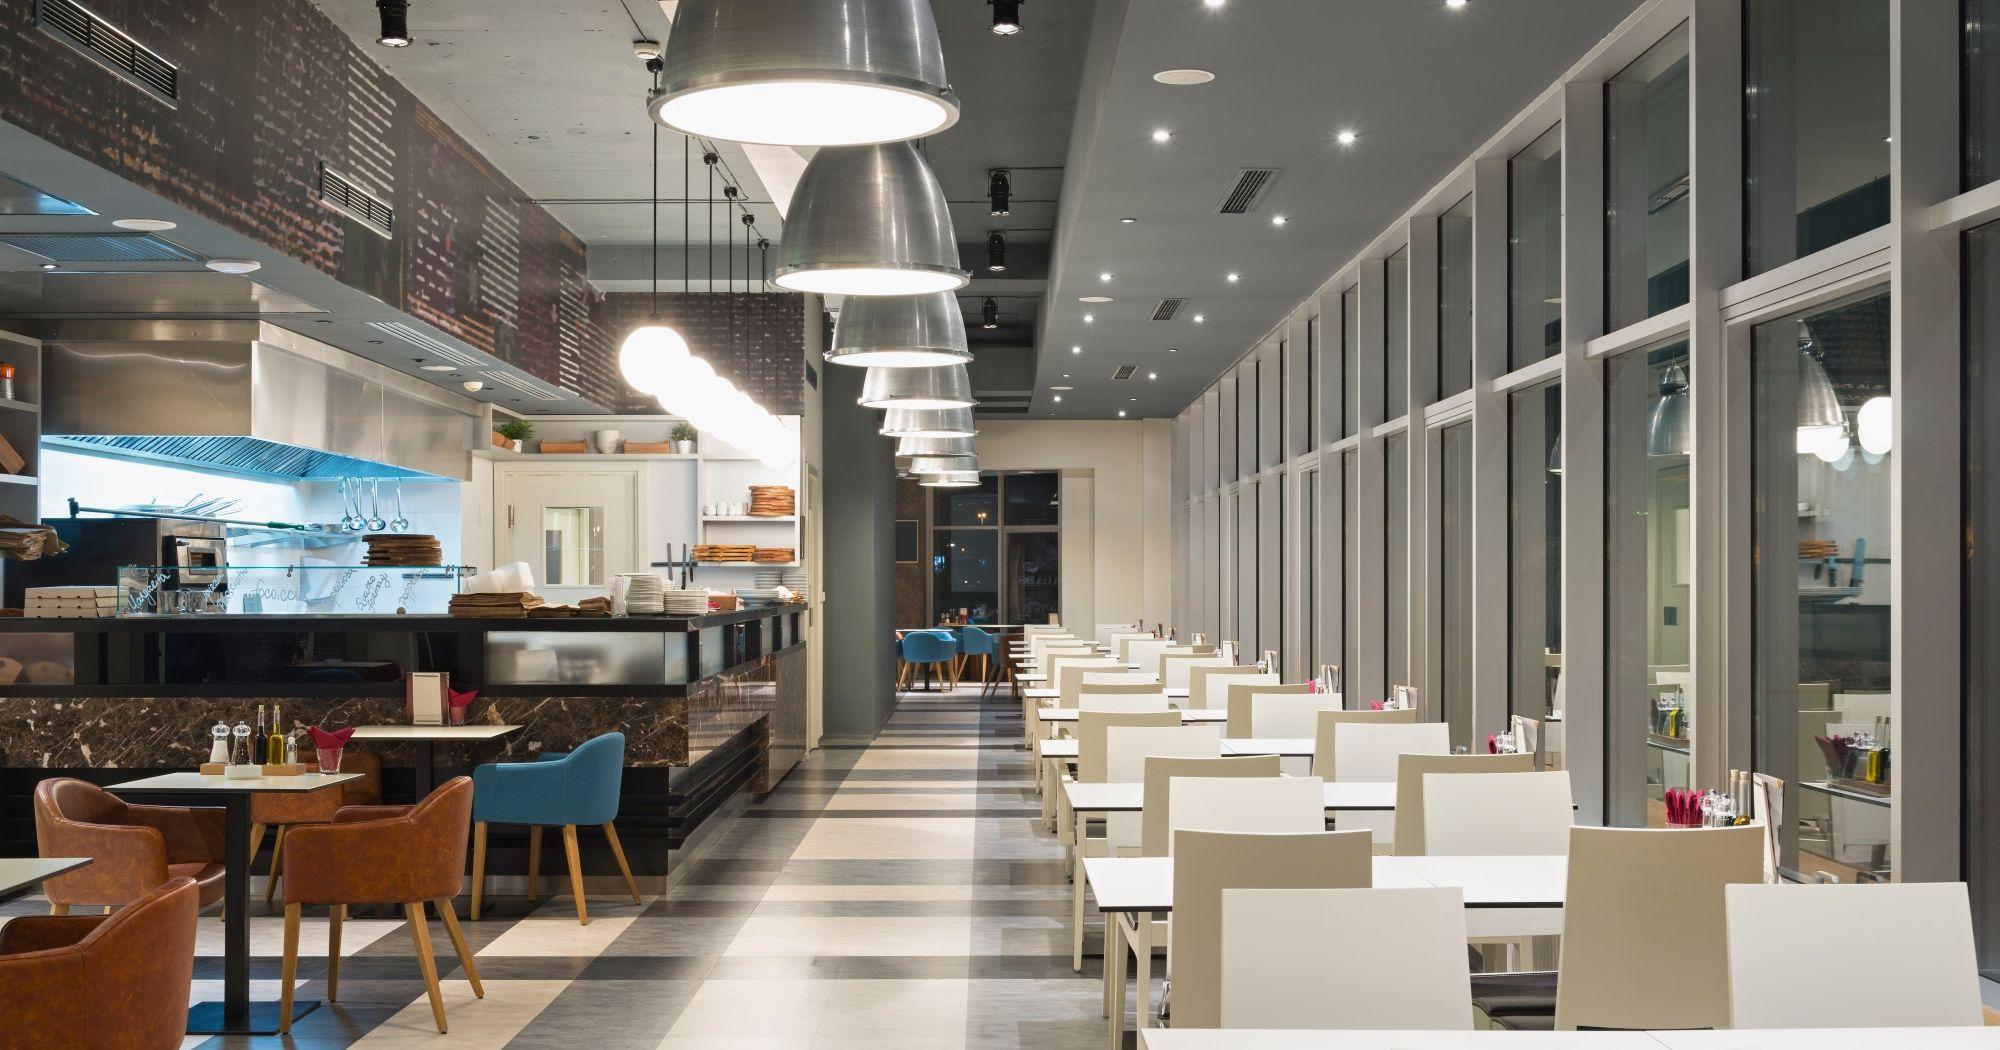 Sanierung eines Restaurants - Bauunternehmen Wien